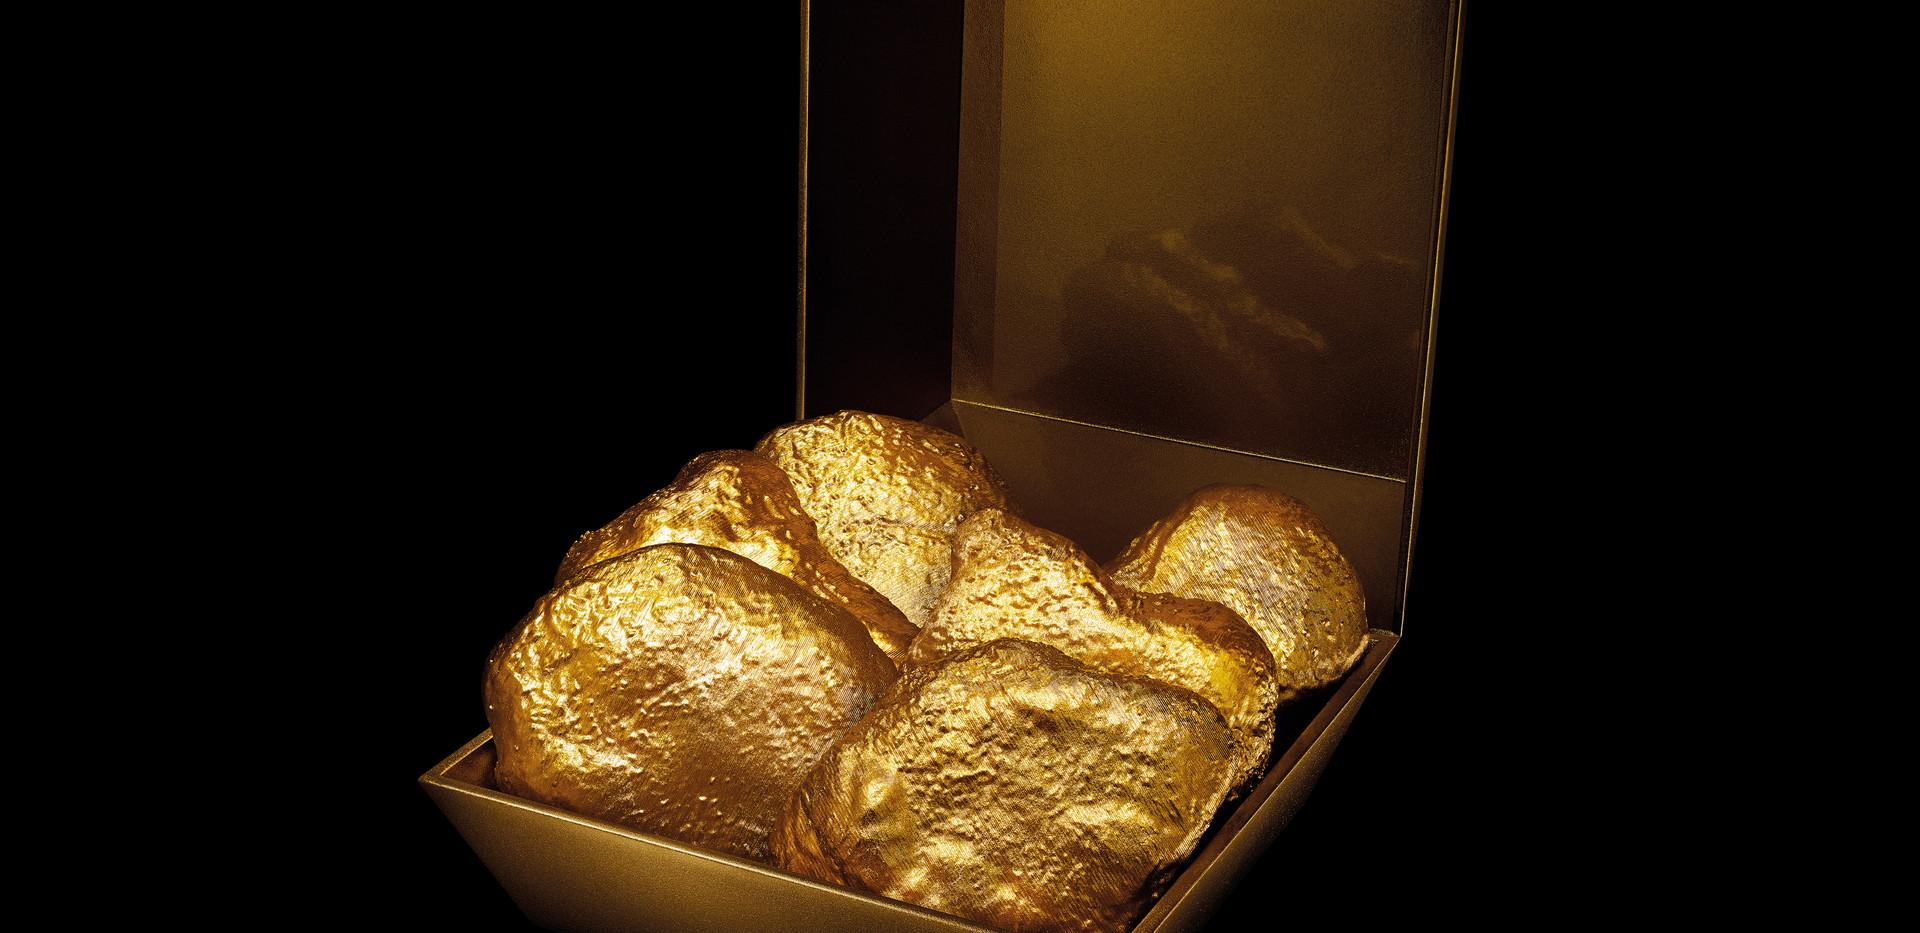 McDonald's - Golden Nuggets Heist